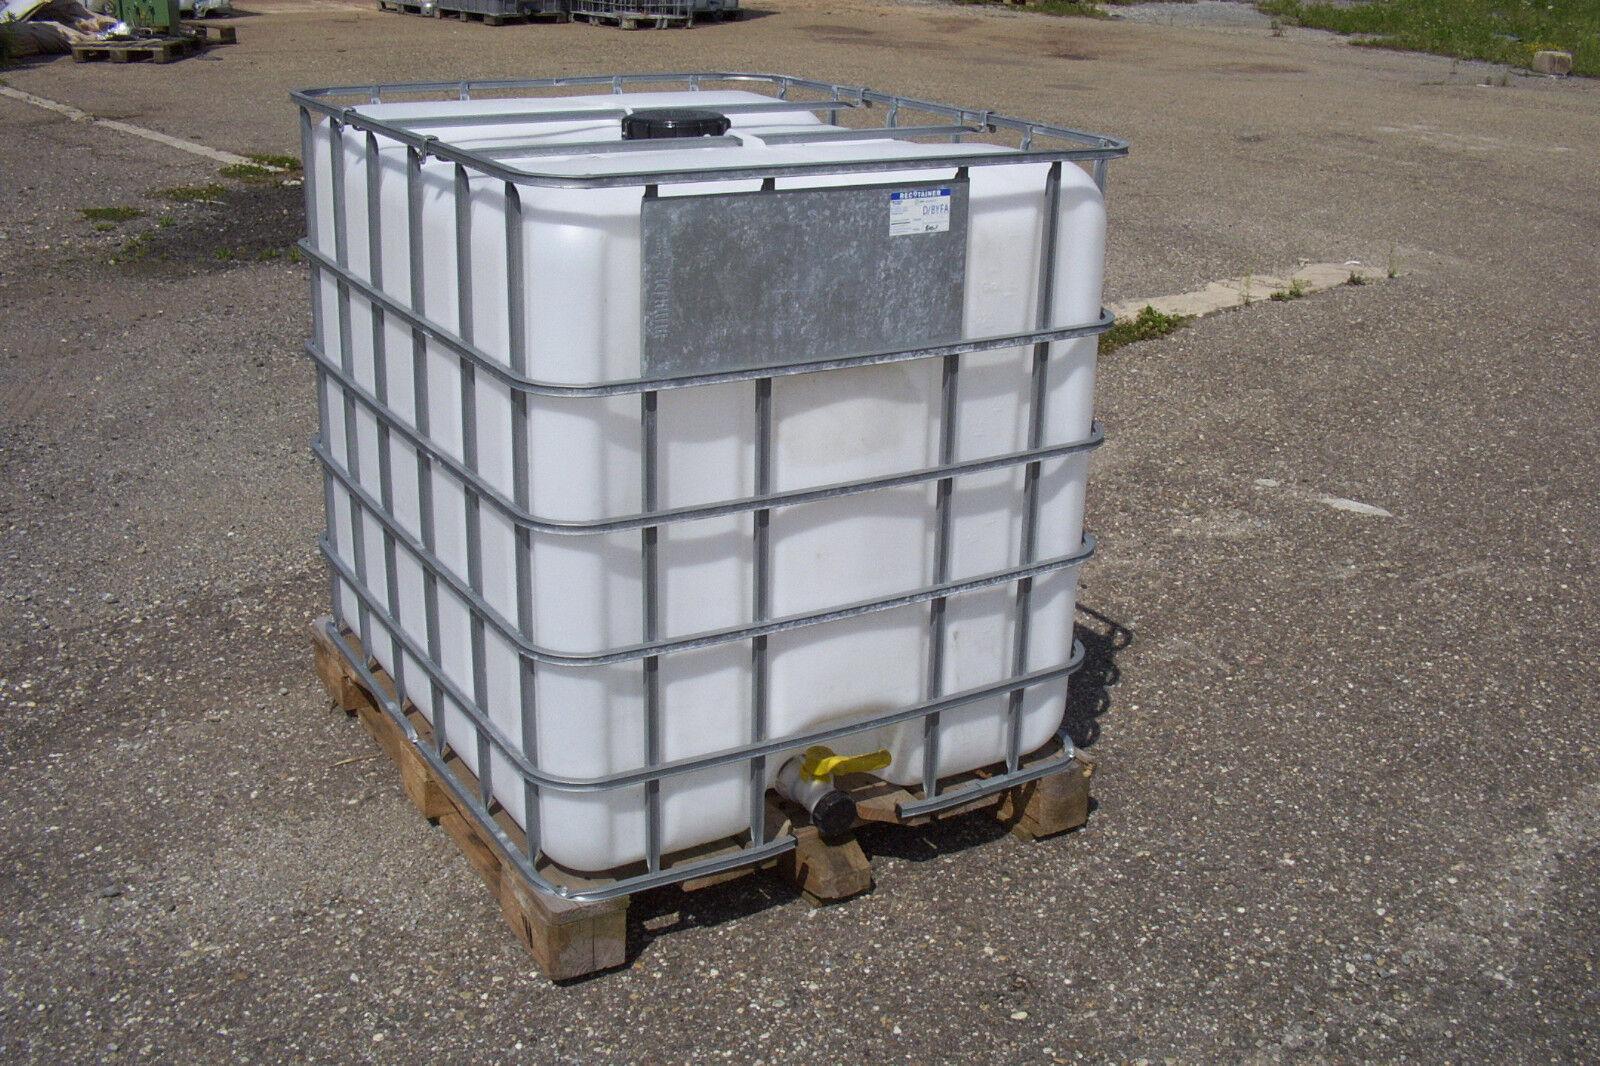 IBC Tank Container, Regenwassertank 1000L auf Holzpalette 1.Wahl #1